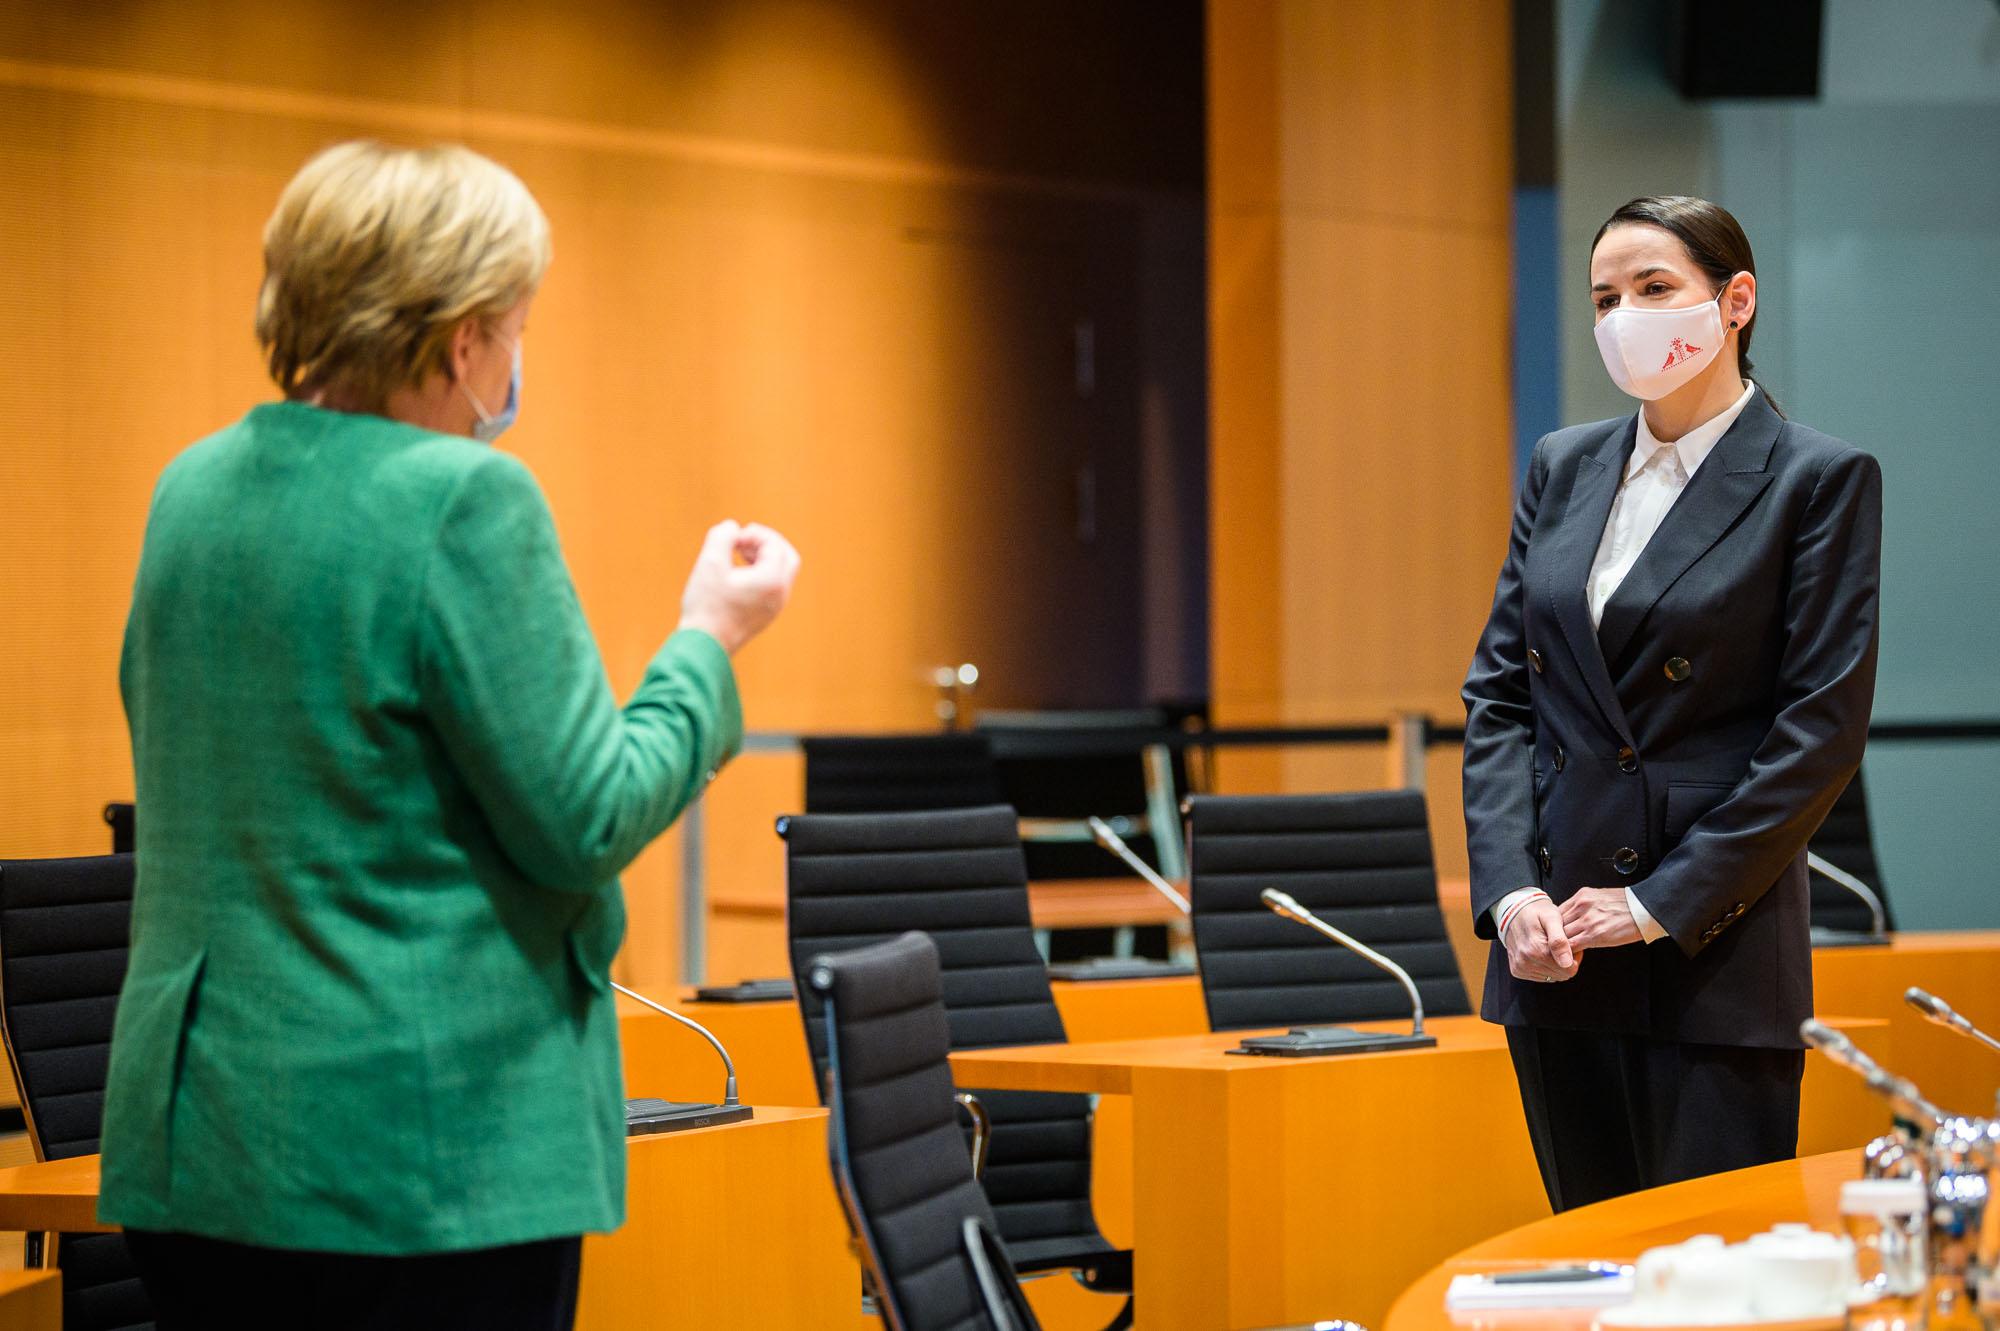 Евротур Тихановской: домохозяйка выпрашивала у Меркель деньги для «белорусской» оппозиции 2